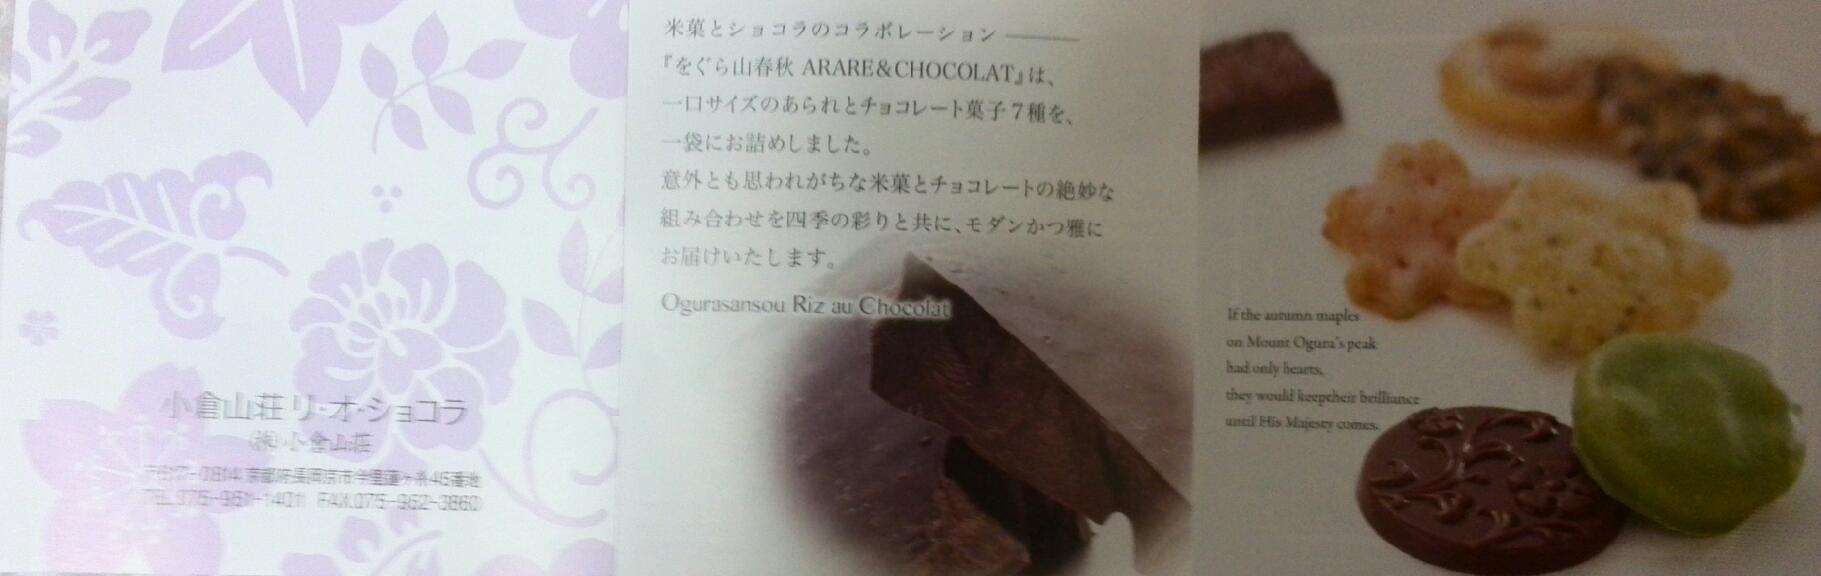 小倉山荘リ・オ・ショコラ 本店